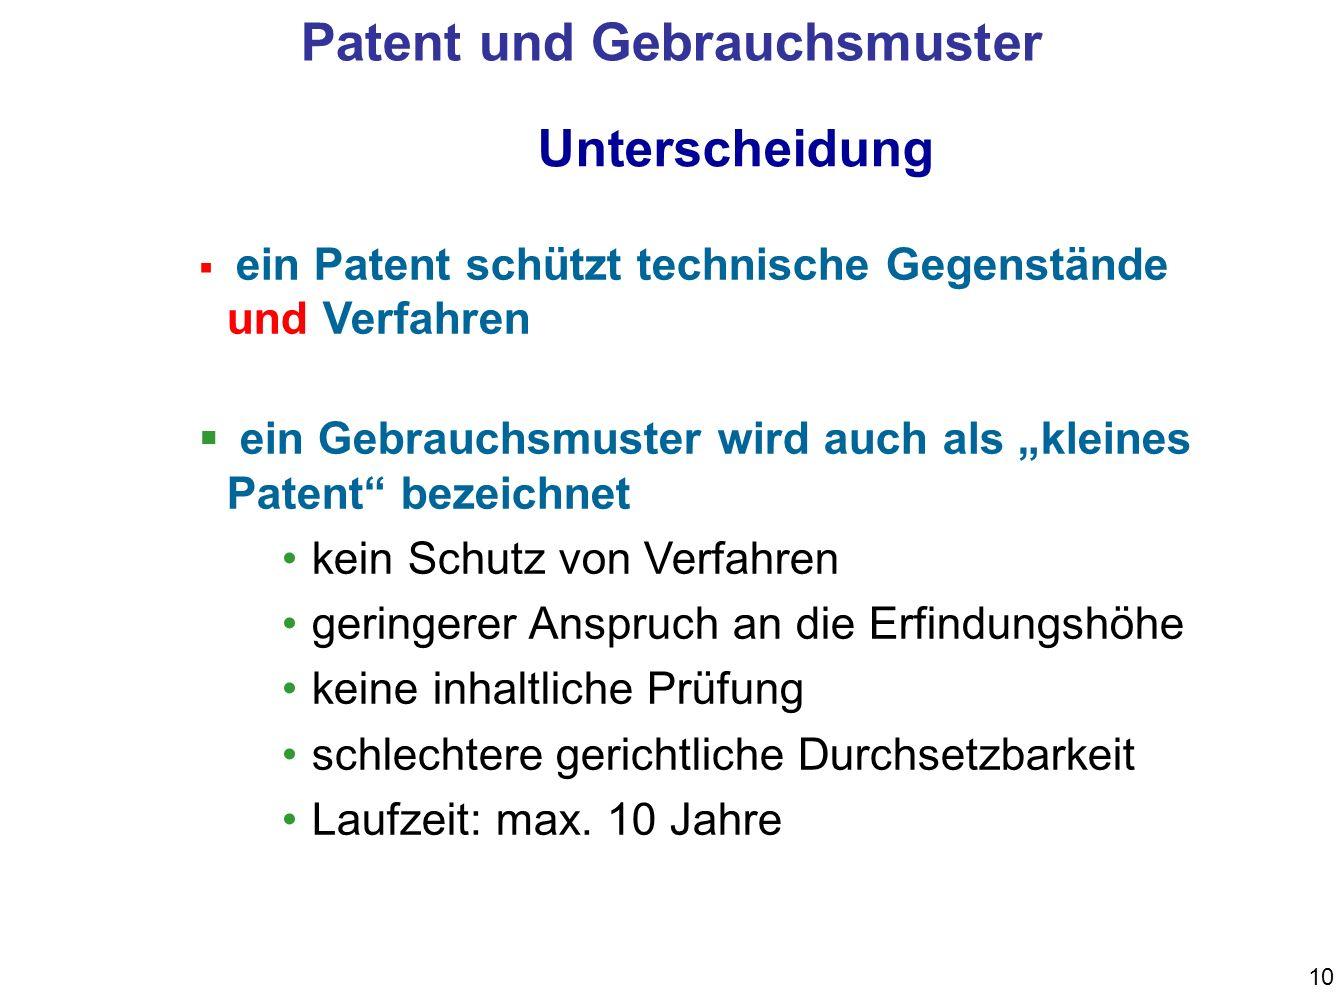 10 Unterscheidung ein Patent schützt technische Gegenstände und Verfahren ein Gebrauchsmuster wird auch als kleines Patent bezeichnet kein Schutz von